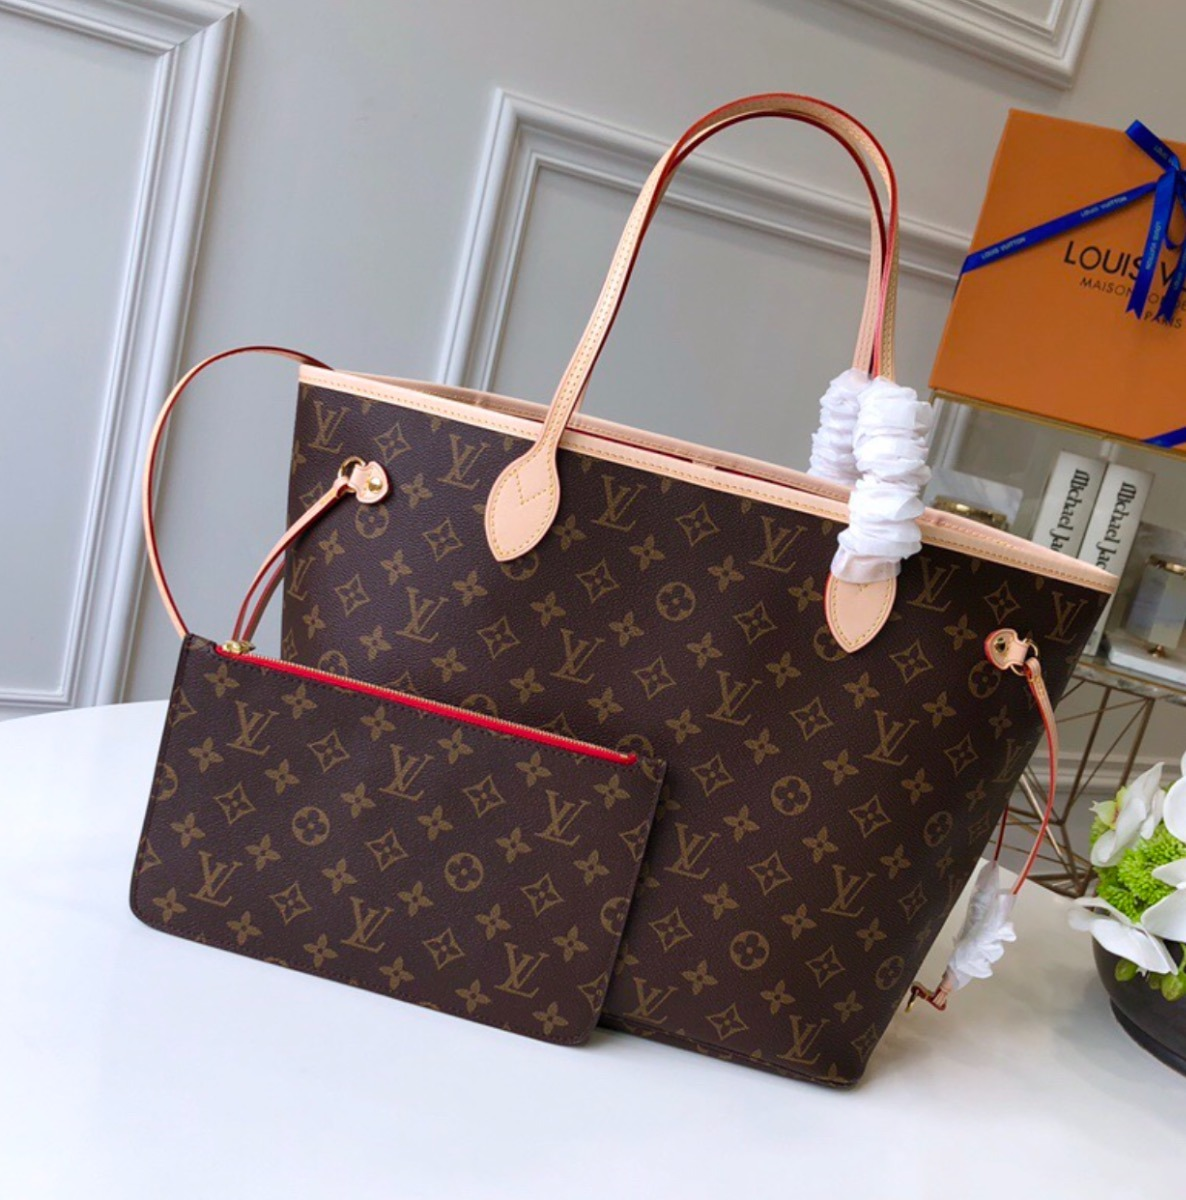 4328dfd77 Bolsa Neverfull Louis Vuitton - $ 5,200.00 en Mercado Libre